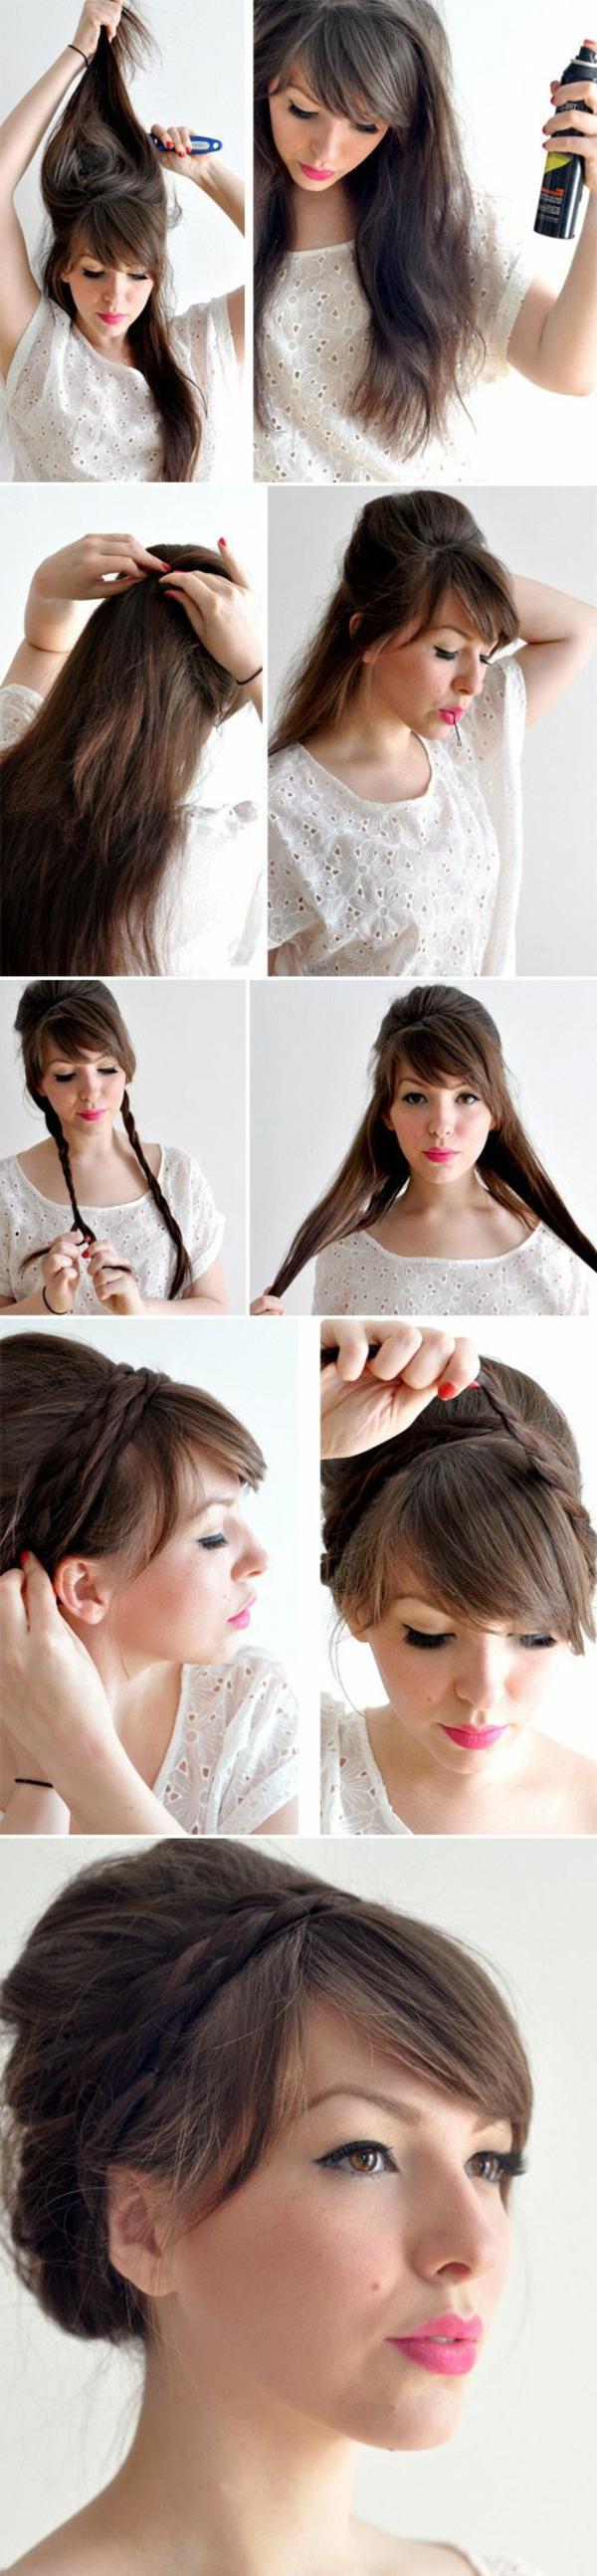 Idée-coiffure-jolie-cheveux-longs-comment-faire